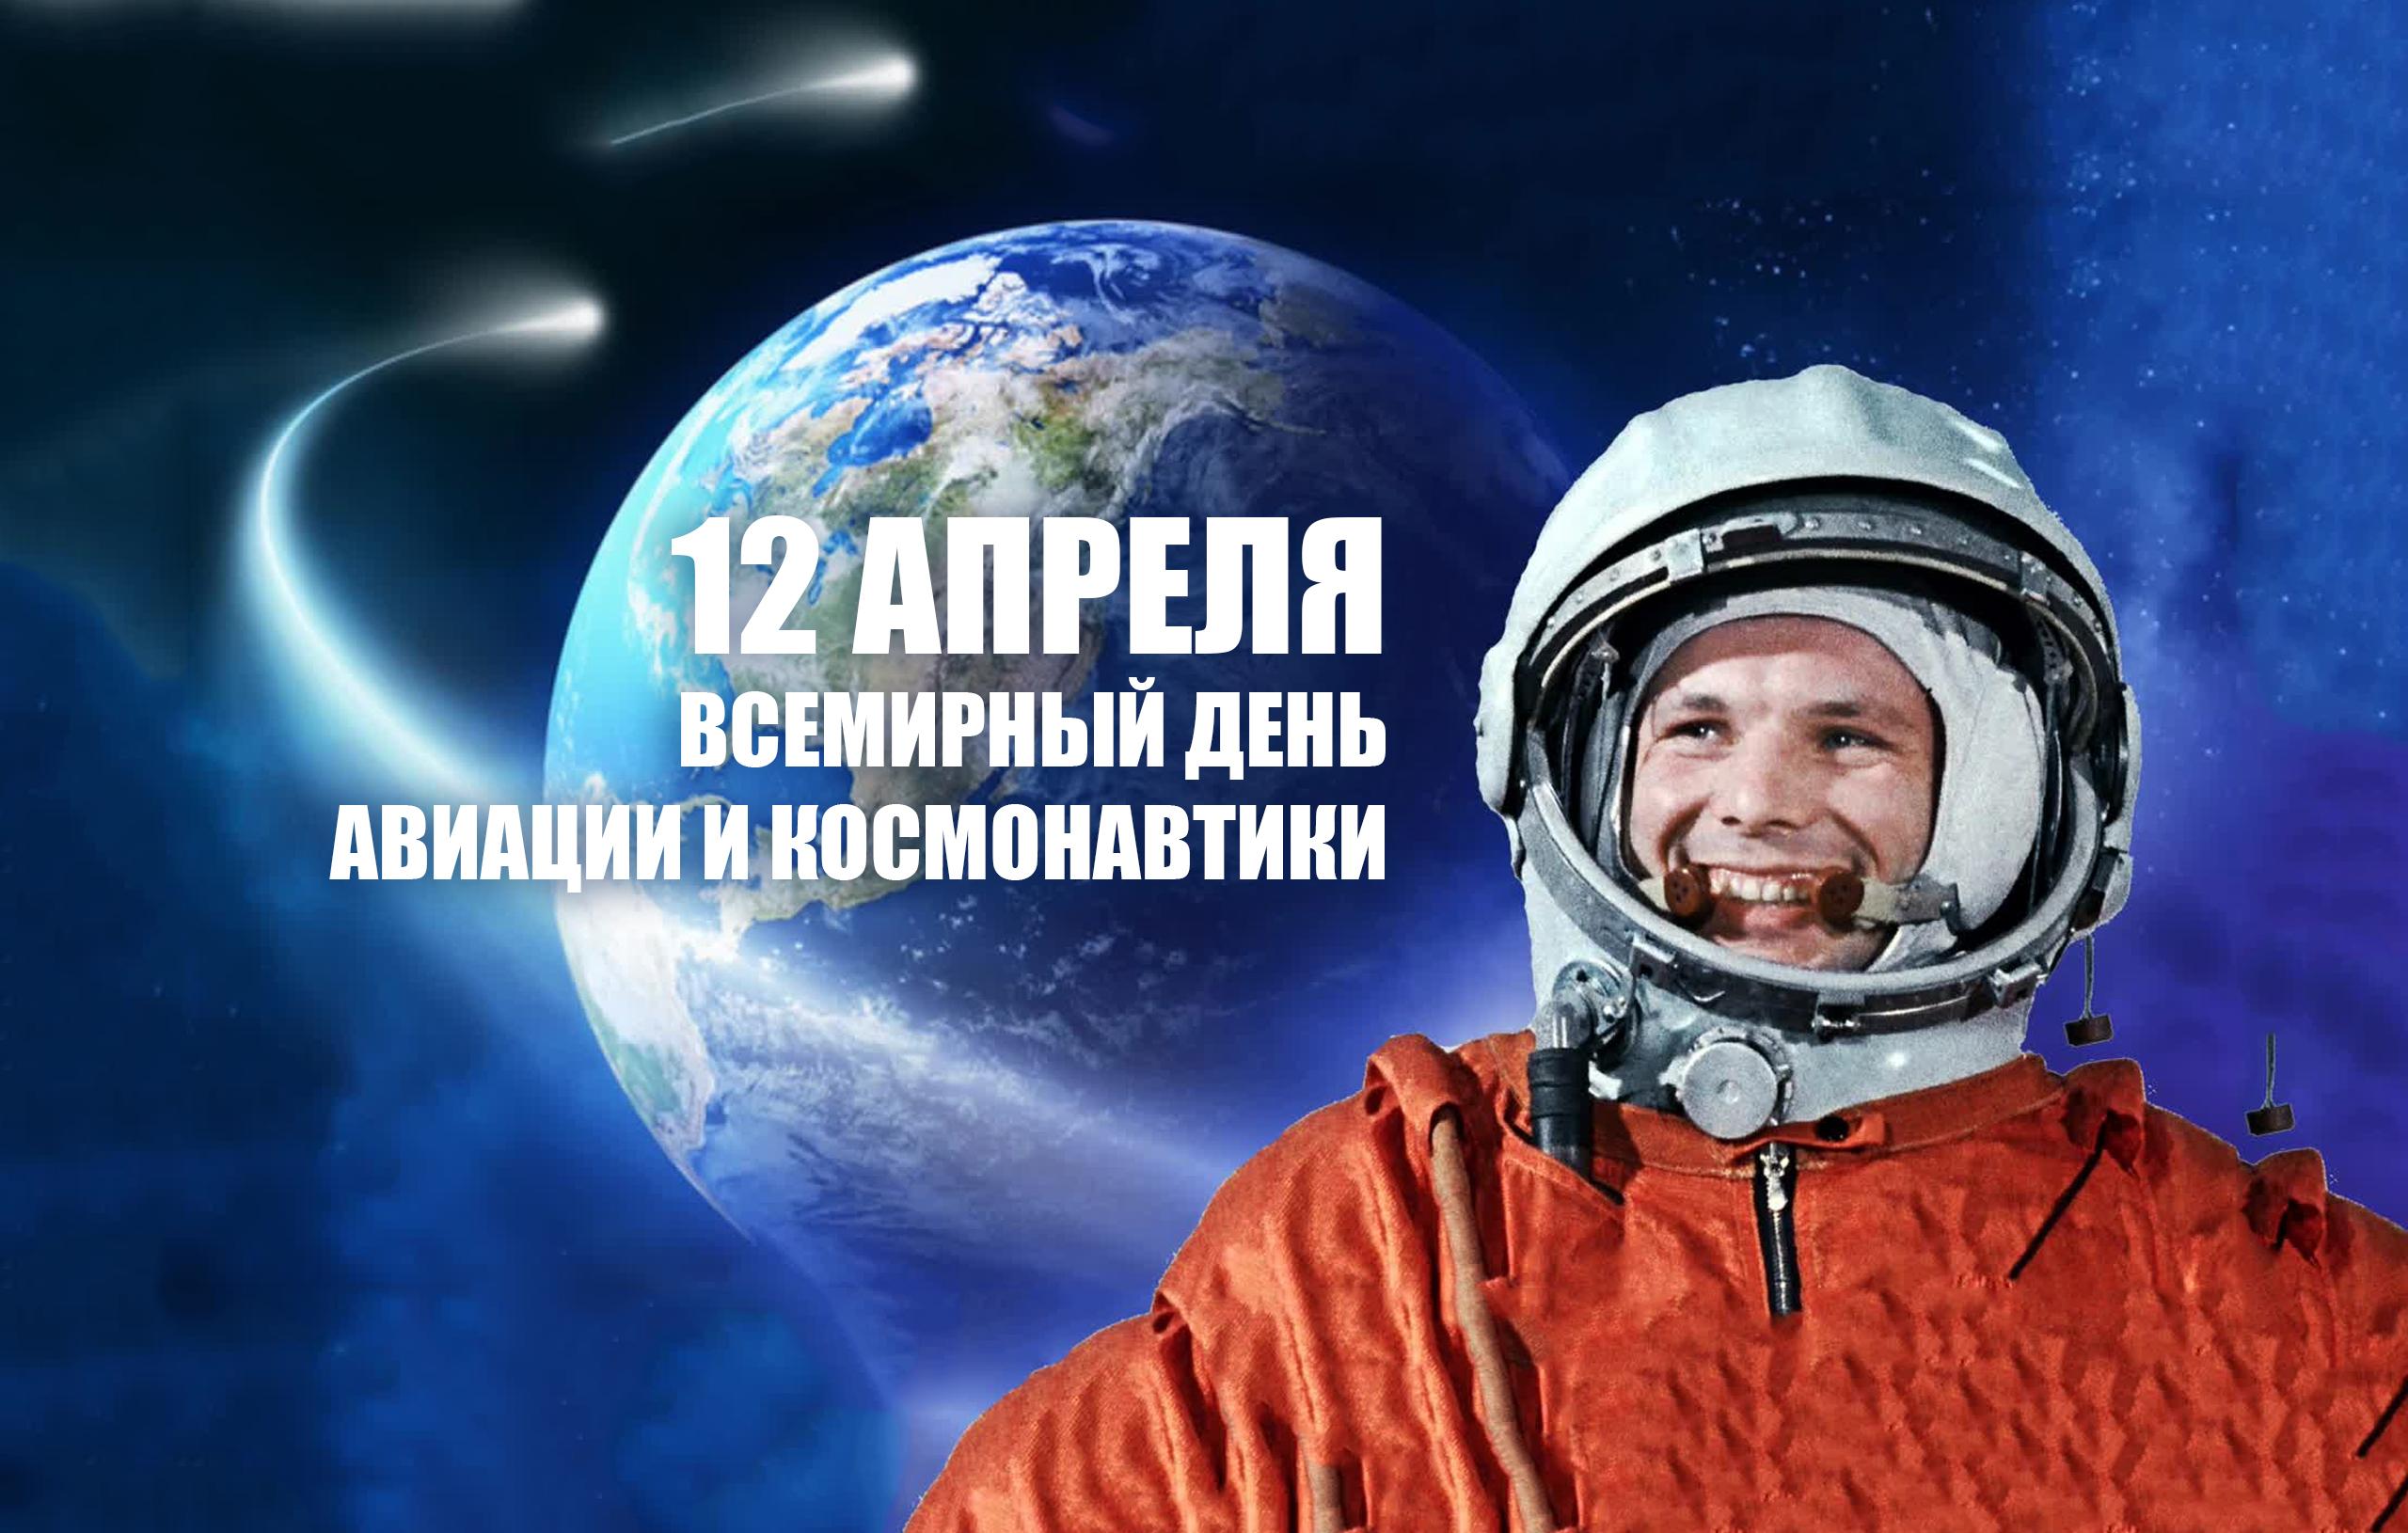 <p>В этот день, 12 апреля 1961 года произошел первый орбитальный полет вокруг Земли, его выполнил советский космонавт Юрий Гагарин на космическом корабле «Восток» — с этого момента началось освоение космоса человеком. Вчесть этого исторического события 12апреля вовсем мире отмечают как Всемирный день авиации икосмонавтики. ВСоветском Союзепраздник установлен указомПрезидиума Верховного Совета […]</p>